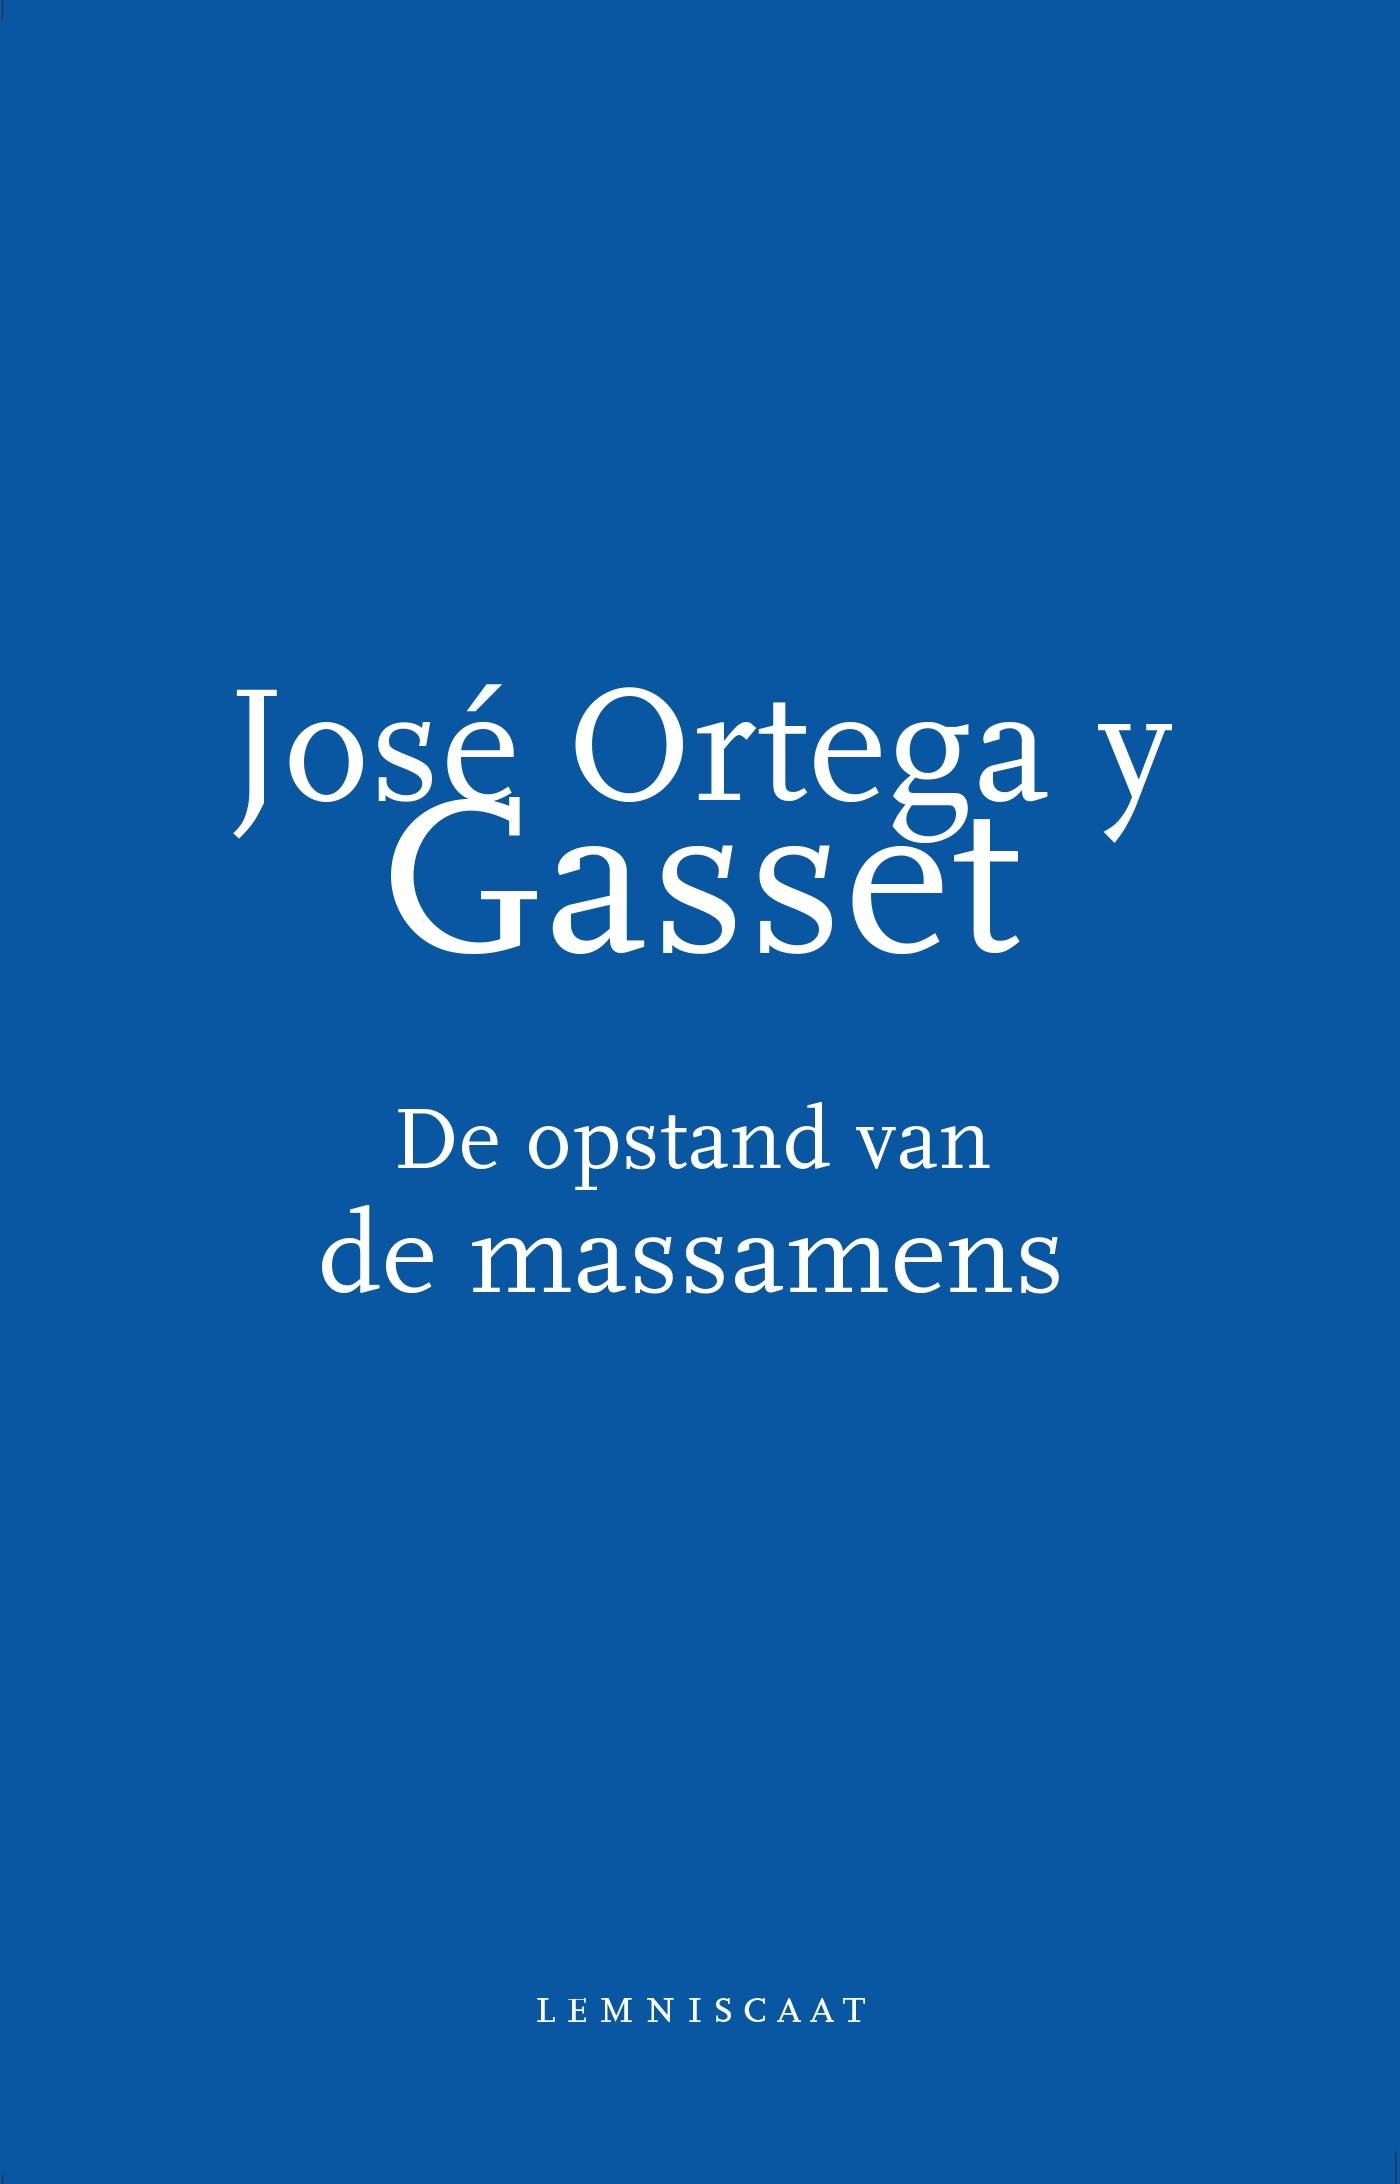 ISVW-iFilosofie #18 - Jose Ortega y Gasset, De opstand van de massamens